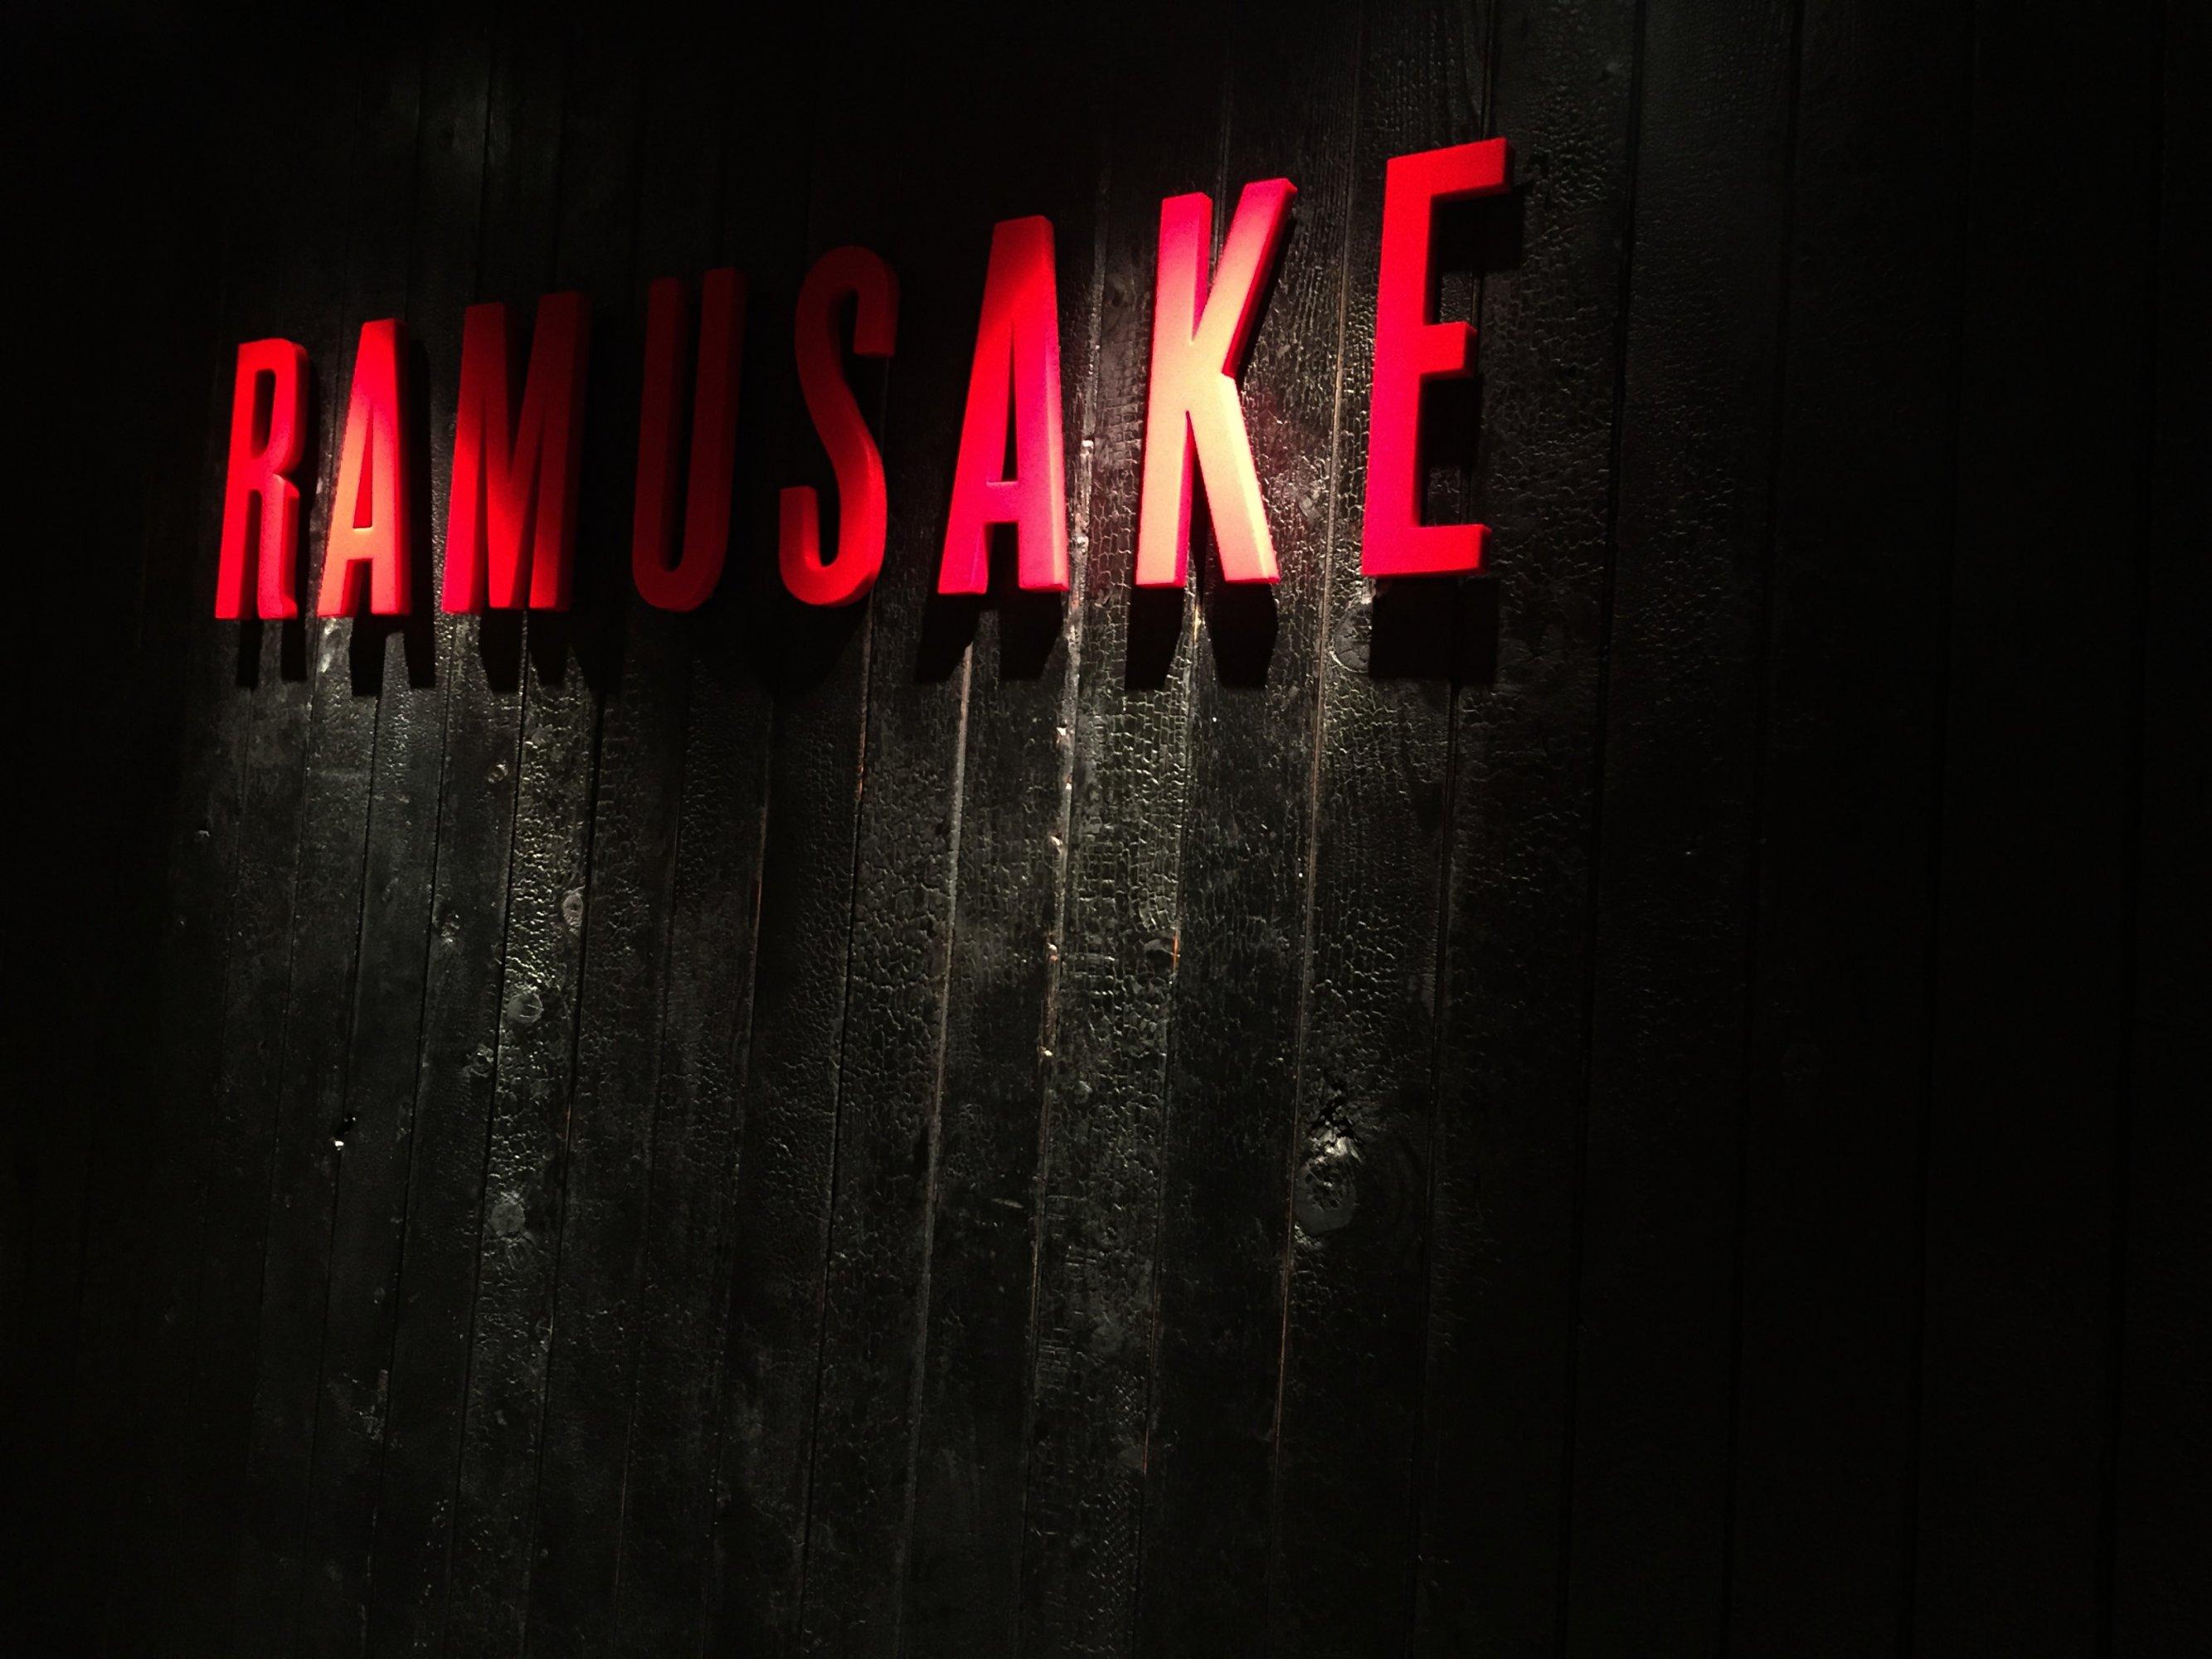 Ramusake: How does it measure against Toko and Katana?